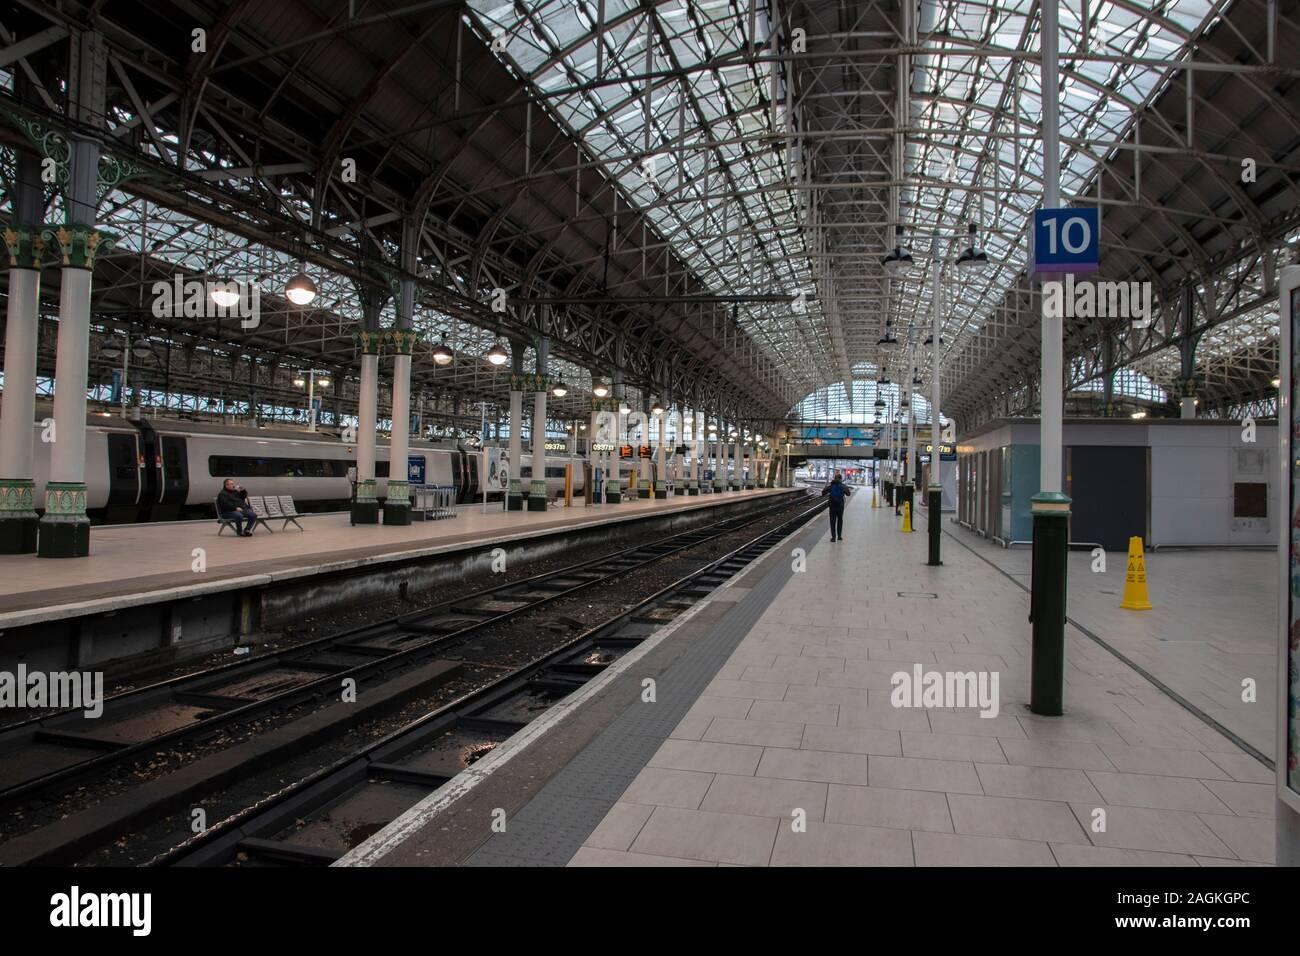 Piattaforma alla stazione di Piccadilly Manchester Inghilterra 2019 Foto Stock